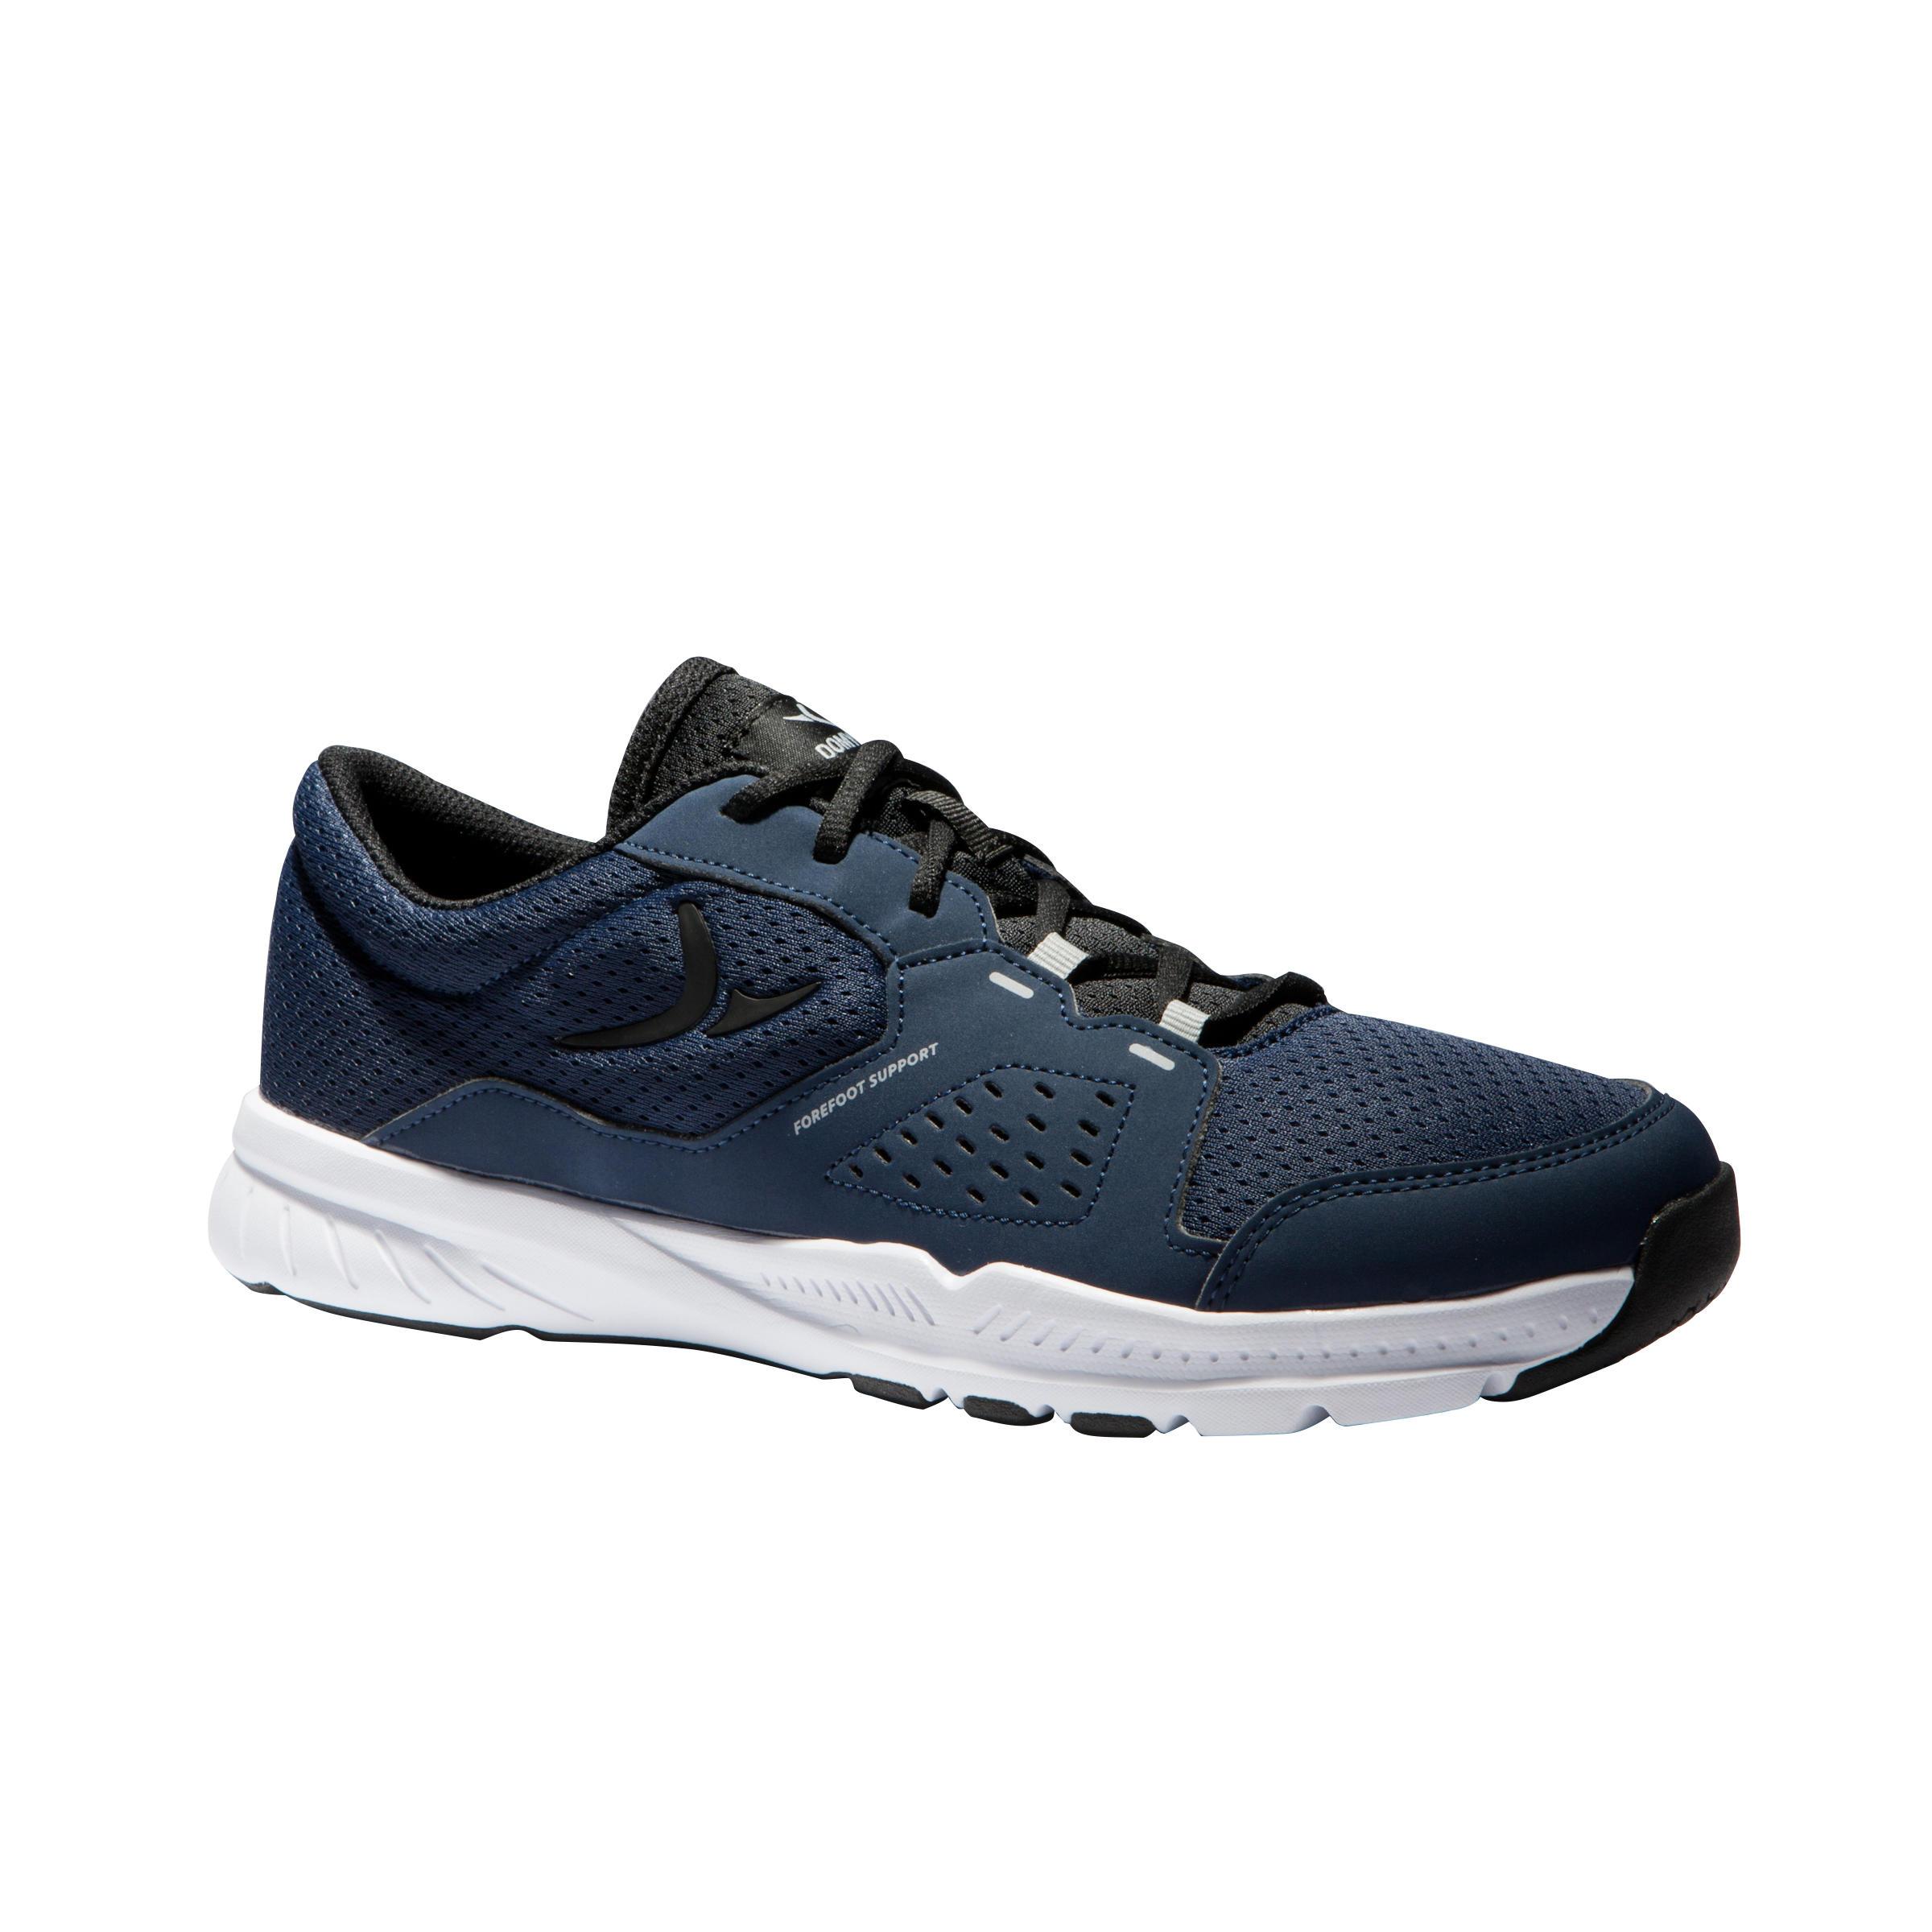 Herren Domyos Fitnessschuhe Cardio 100 Herren schwarz blau | 03608419209471